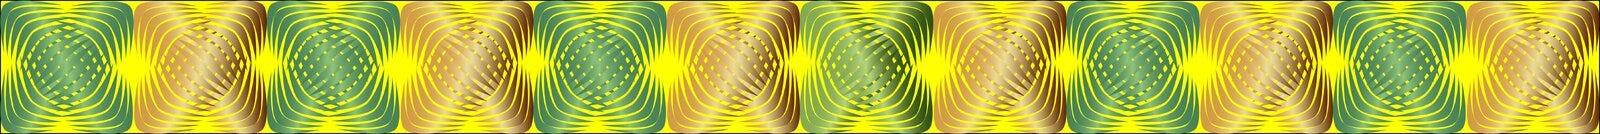 Geometrische patronen met gradiëntvulling 4 Stock Afbeeldingen